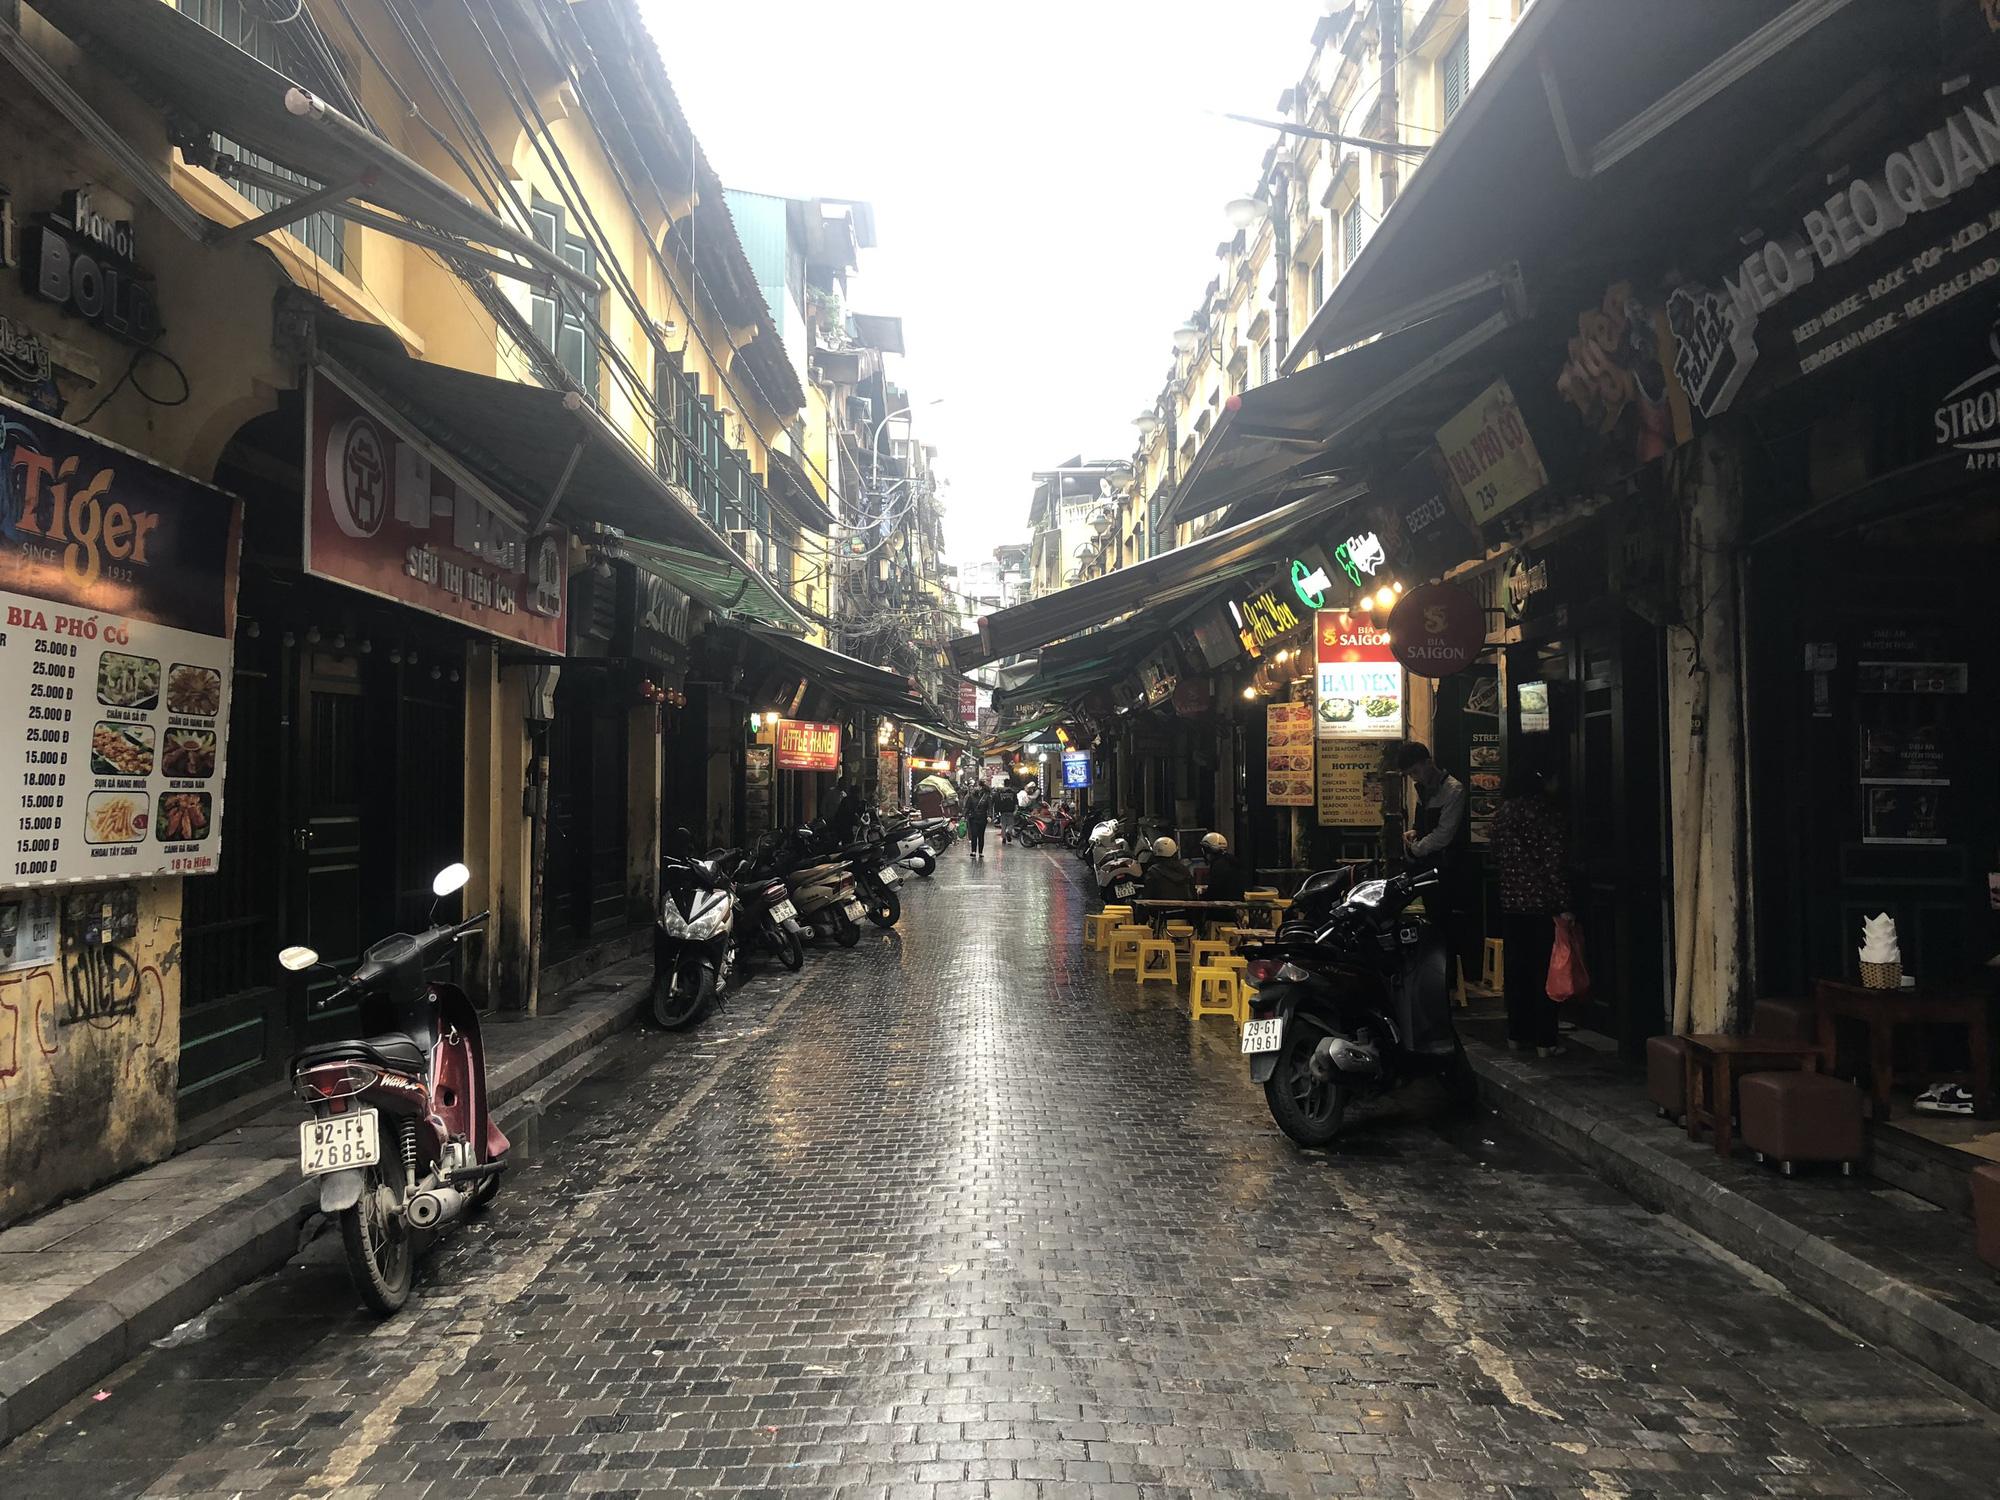 Sau TP HCM, Hà Nội tiếp tục đóng cửa quán bar, karaoke, rạp chiếu phim - Ảnh 1.